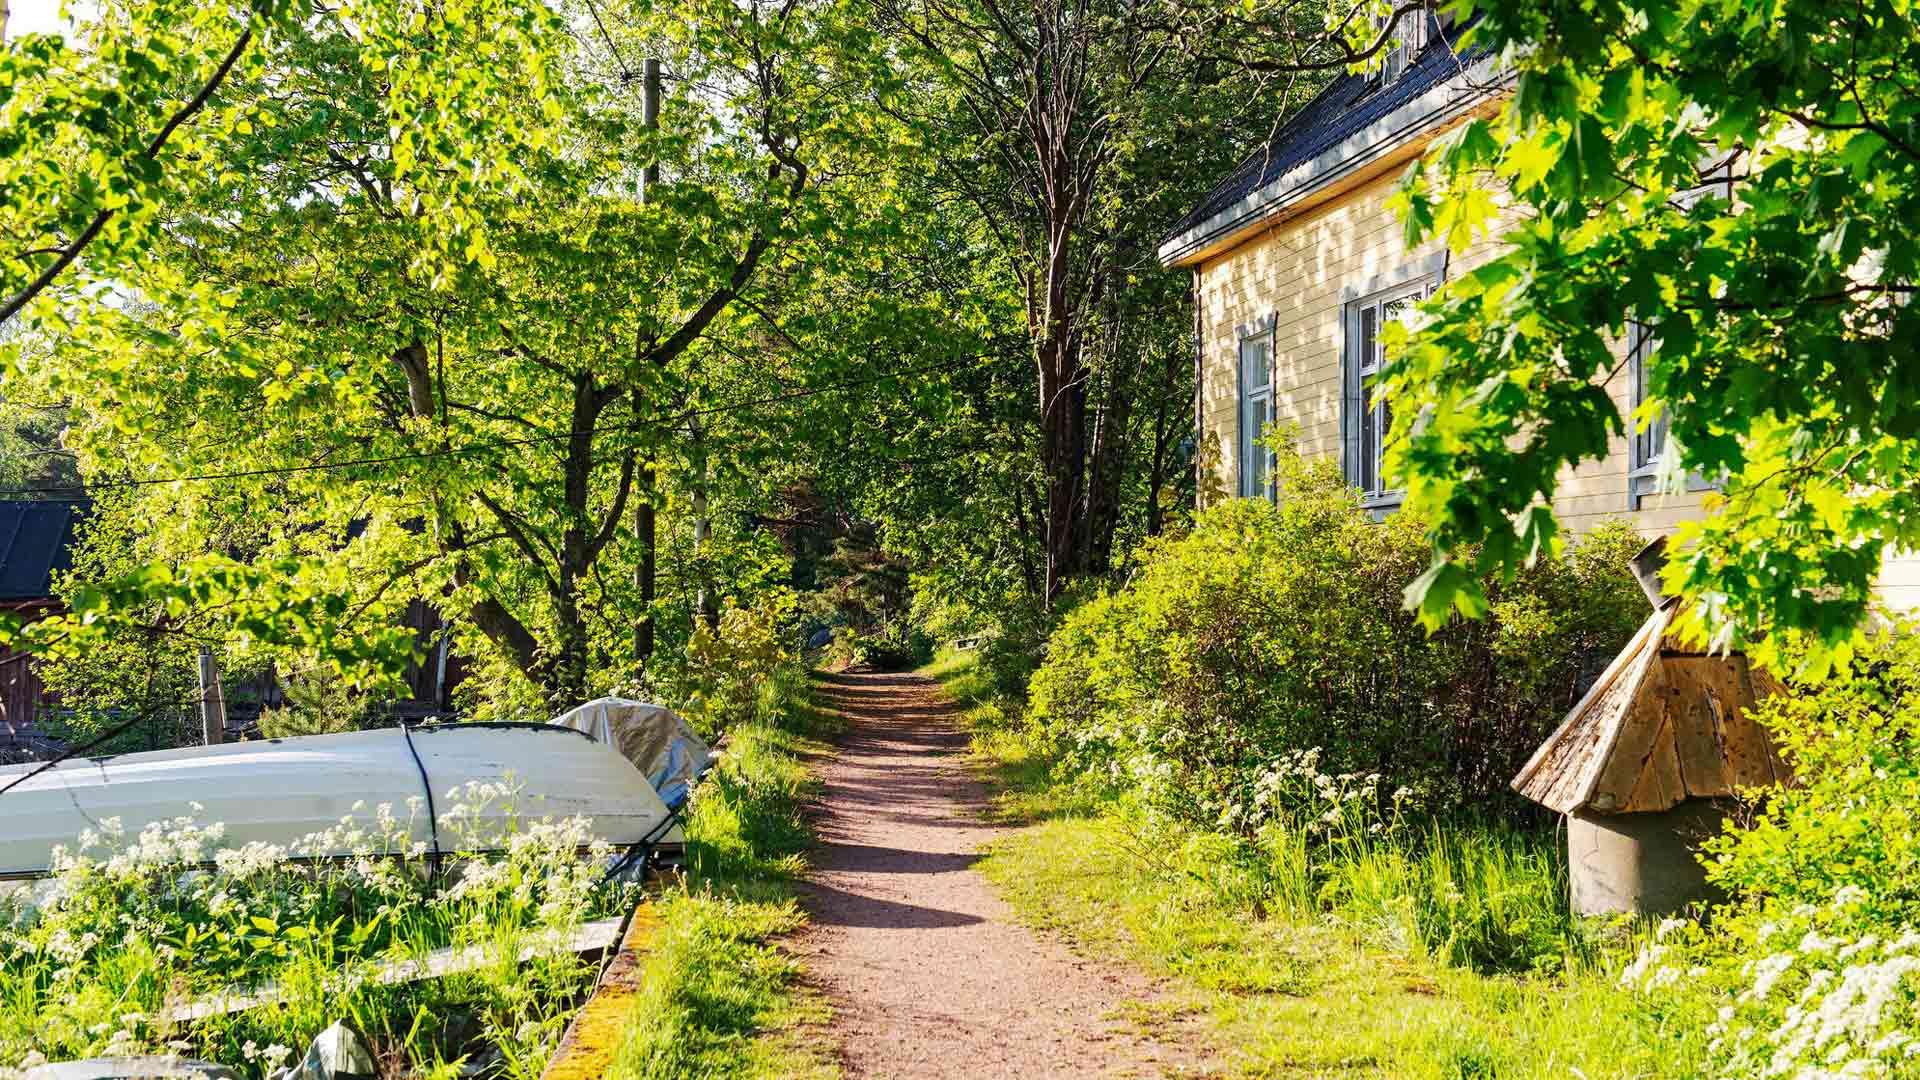 Ilta-auringon paisteessa saaren kapeilla poluilla vanhojen talojen välissä aistii nostalgisen Suomi-filmitunnelman.